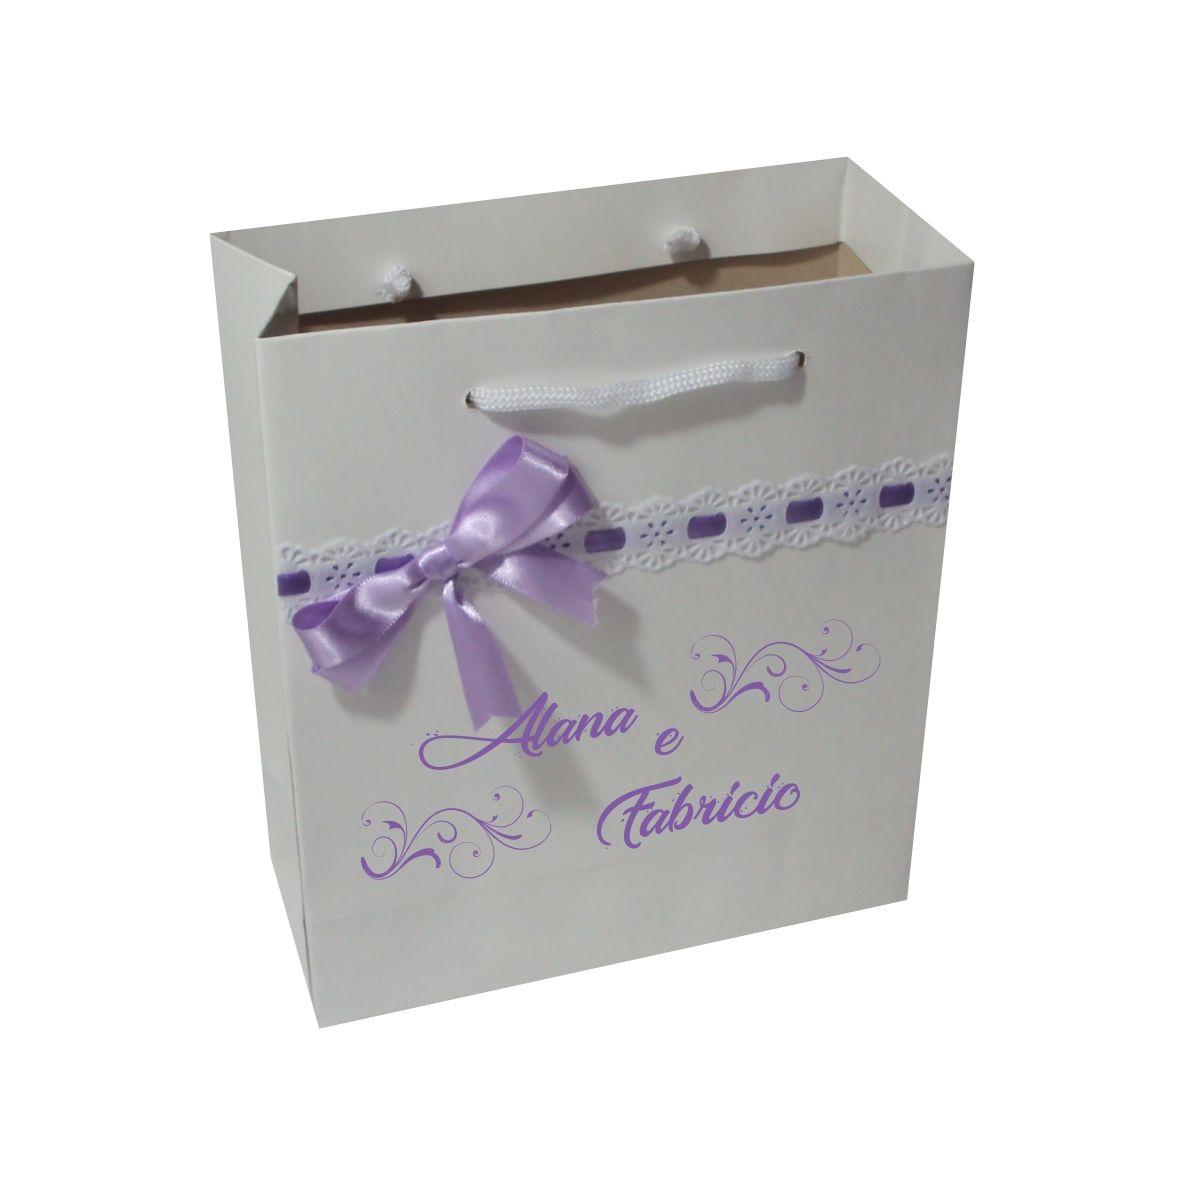 Sacola personalizada p/ casamento - cor lilas-50 unid